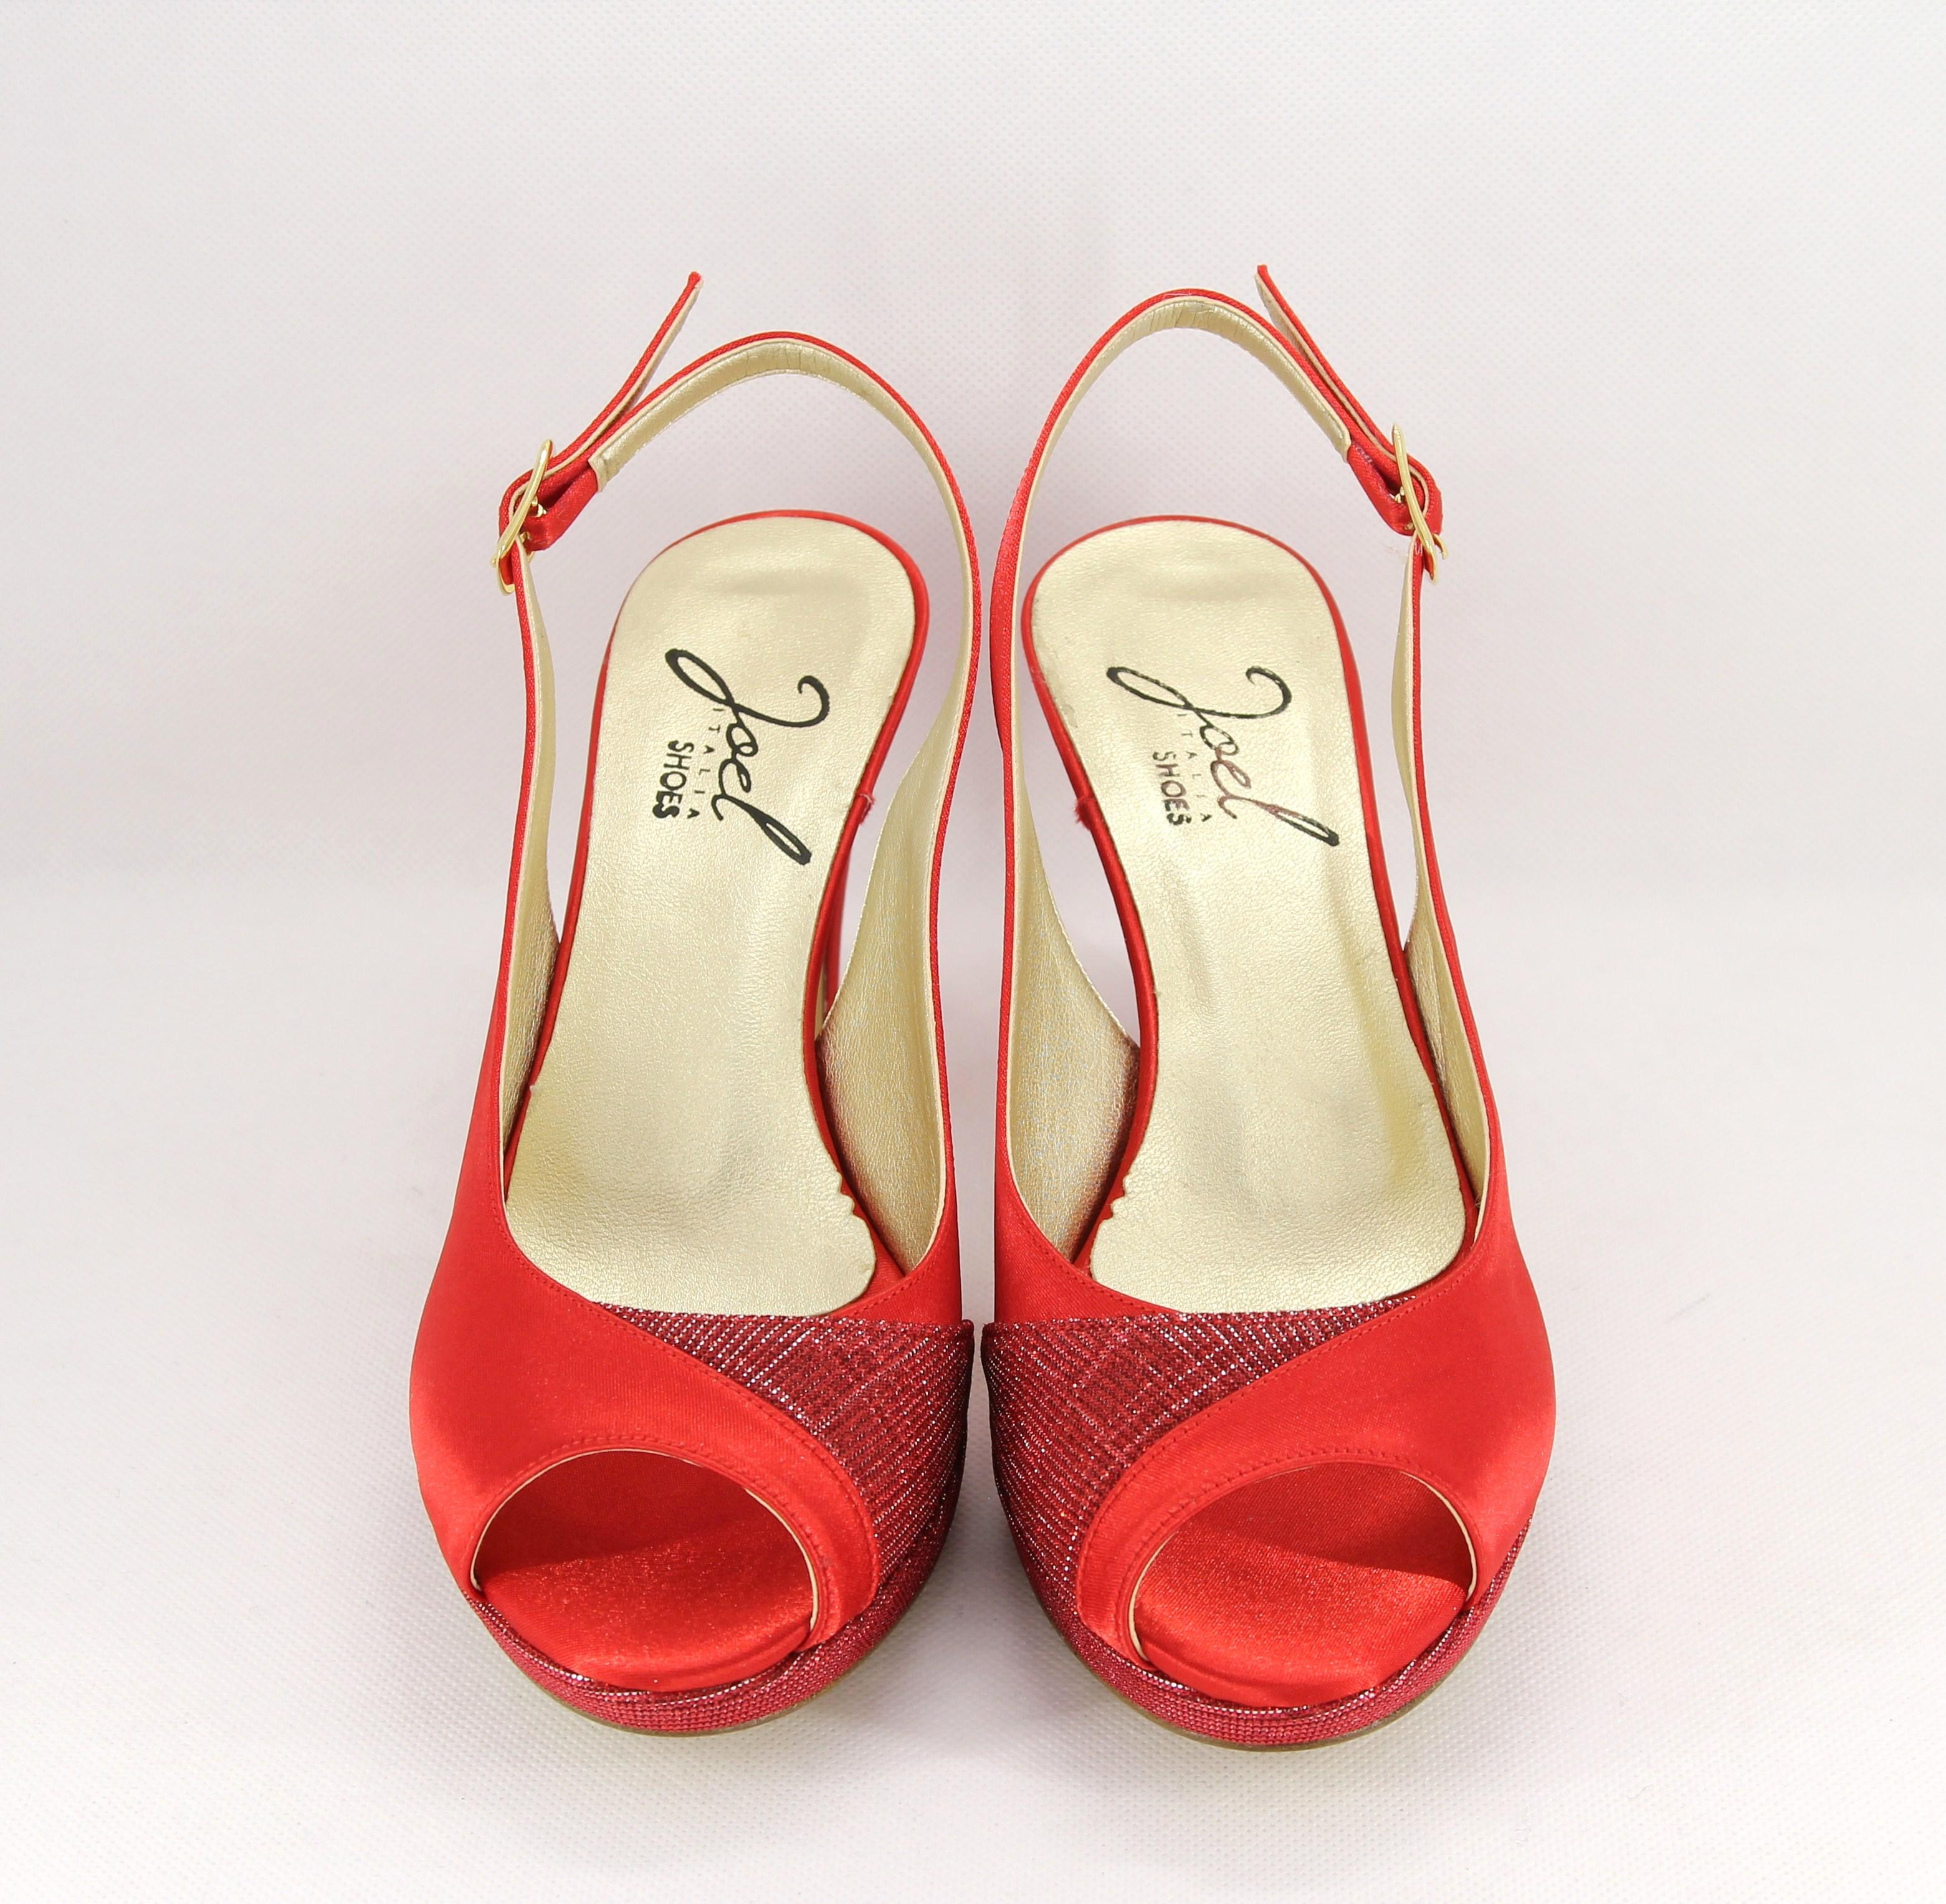 Sandalo cerimonia donna elegante in tessuto raso/glitter con cinghietta regolabile Art. MAIRA